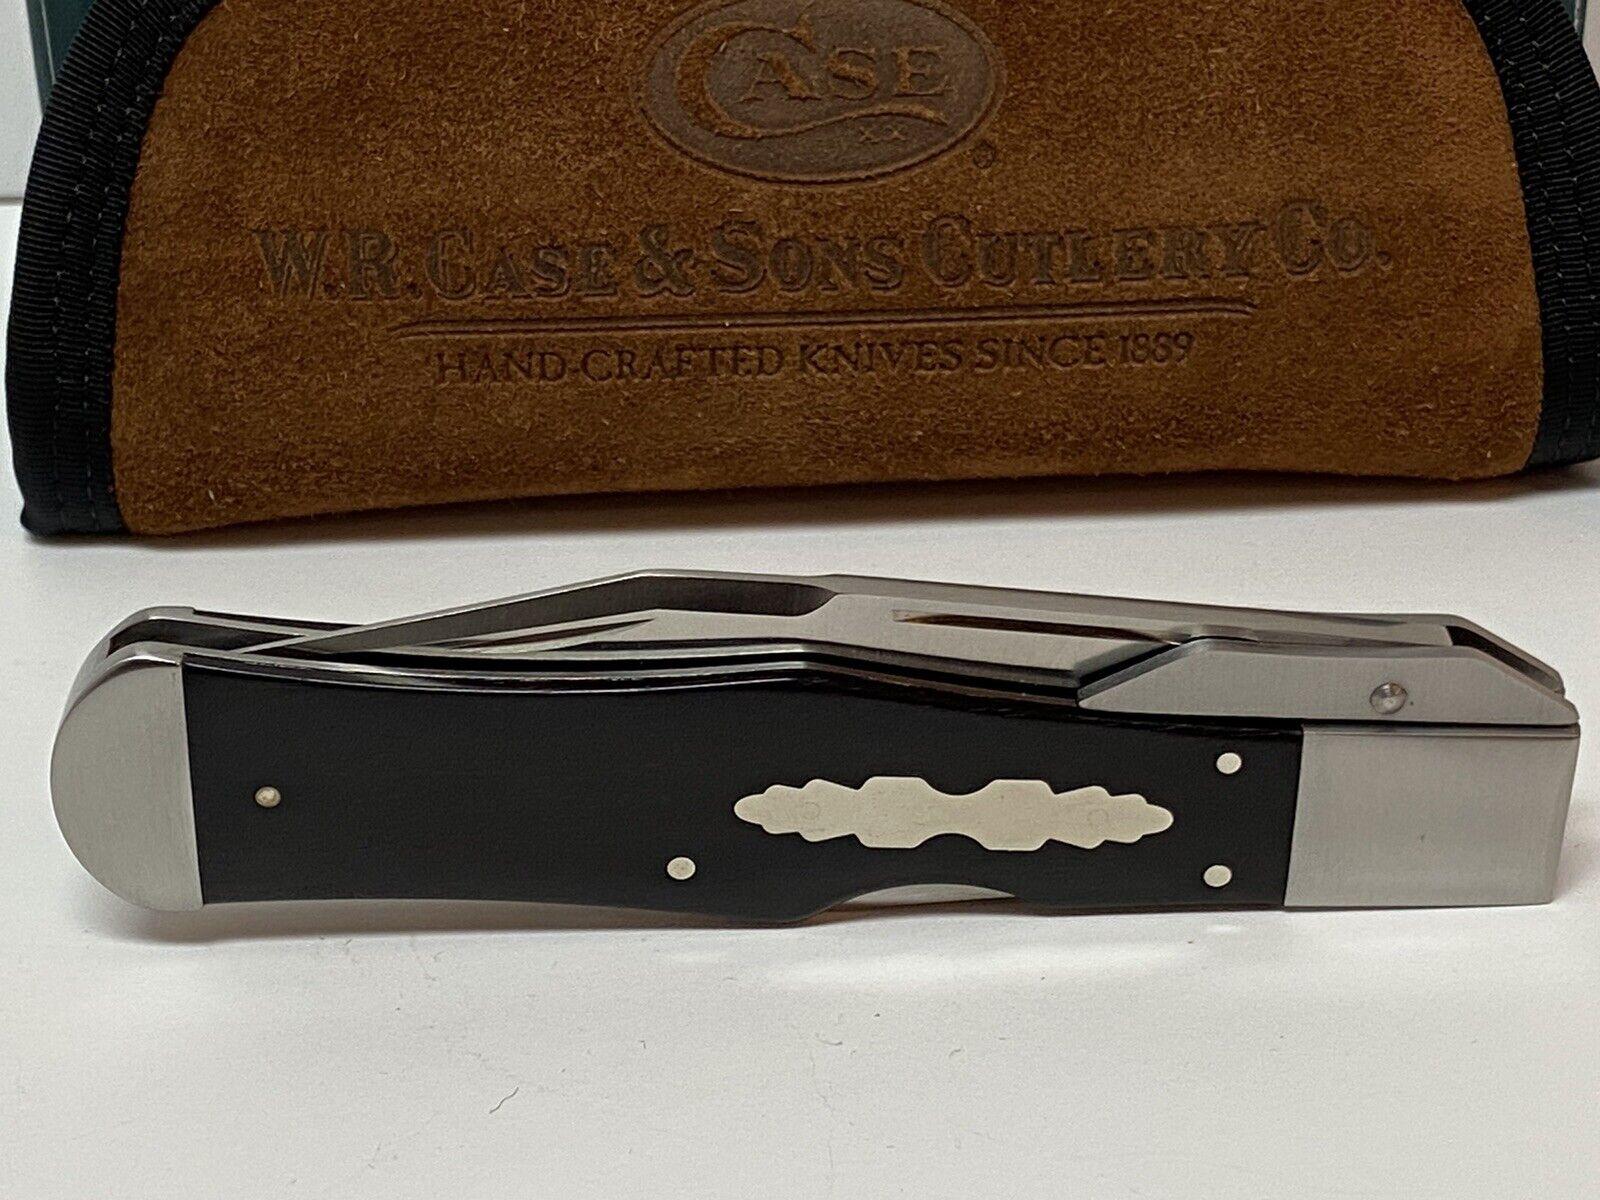 TONY BOSE CASE XX COKE BOTTLE EBONY WOOD ATS-34 STEEL TB712007 7157 KNIFE BD